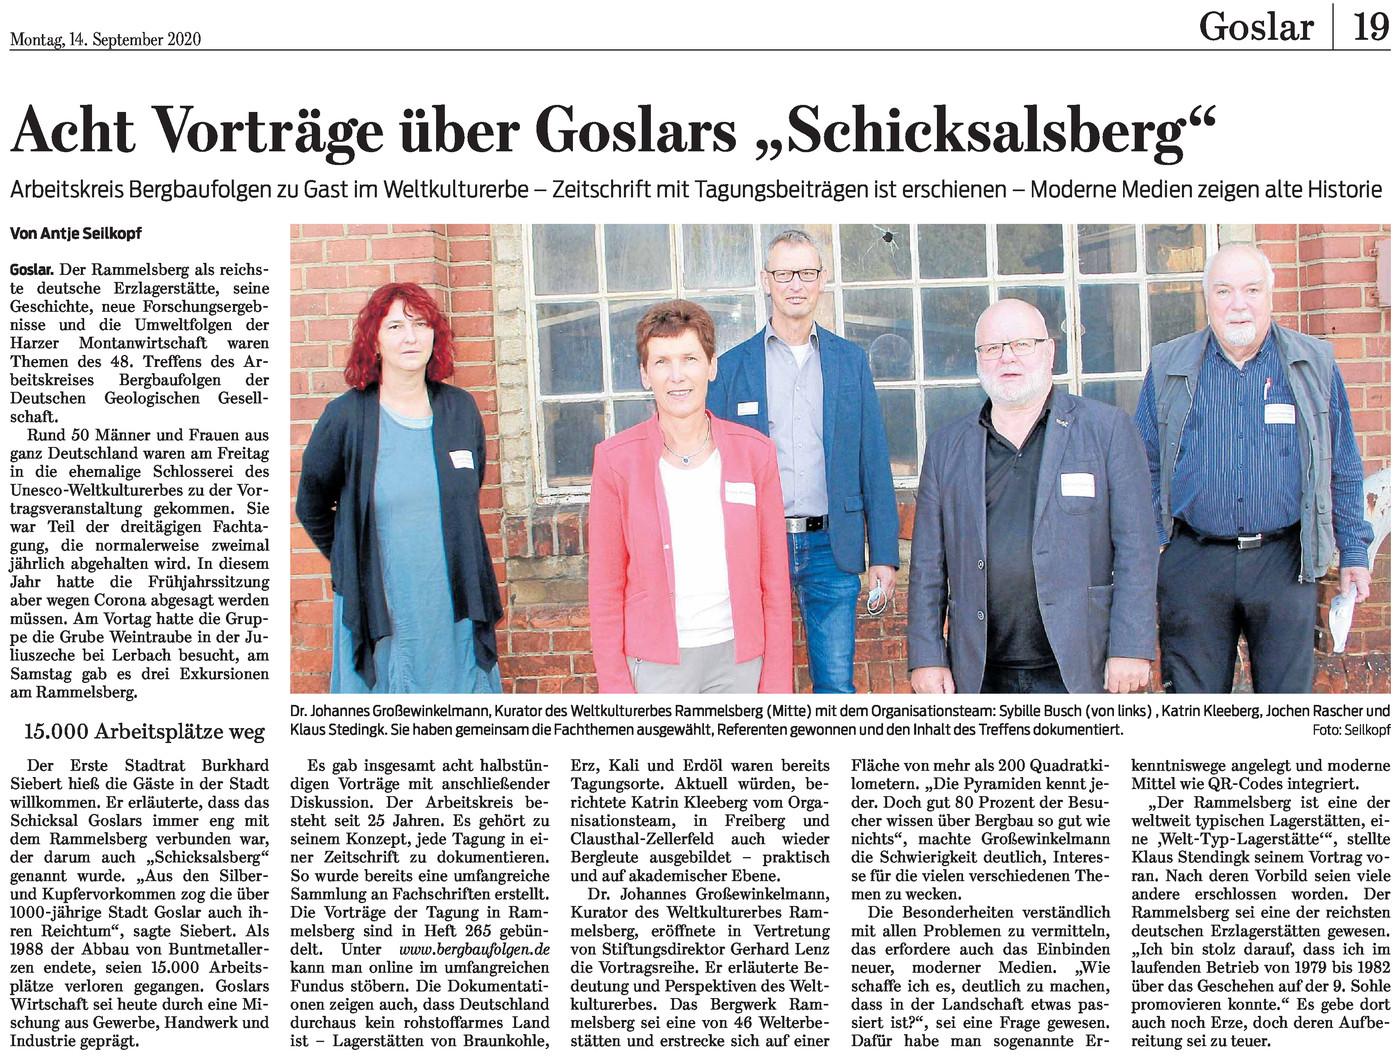 Zeitungsausschnitt der Goslarschen Zeitung vom 12.09.2020